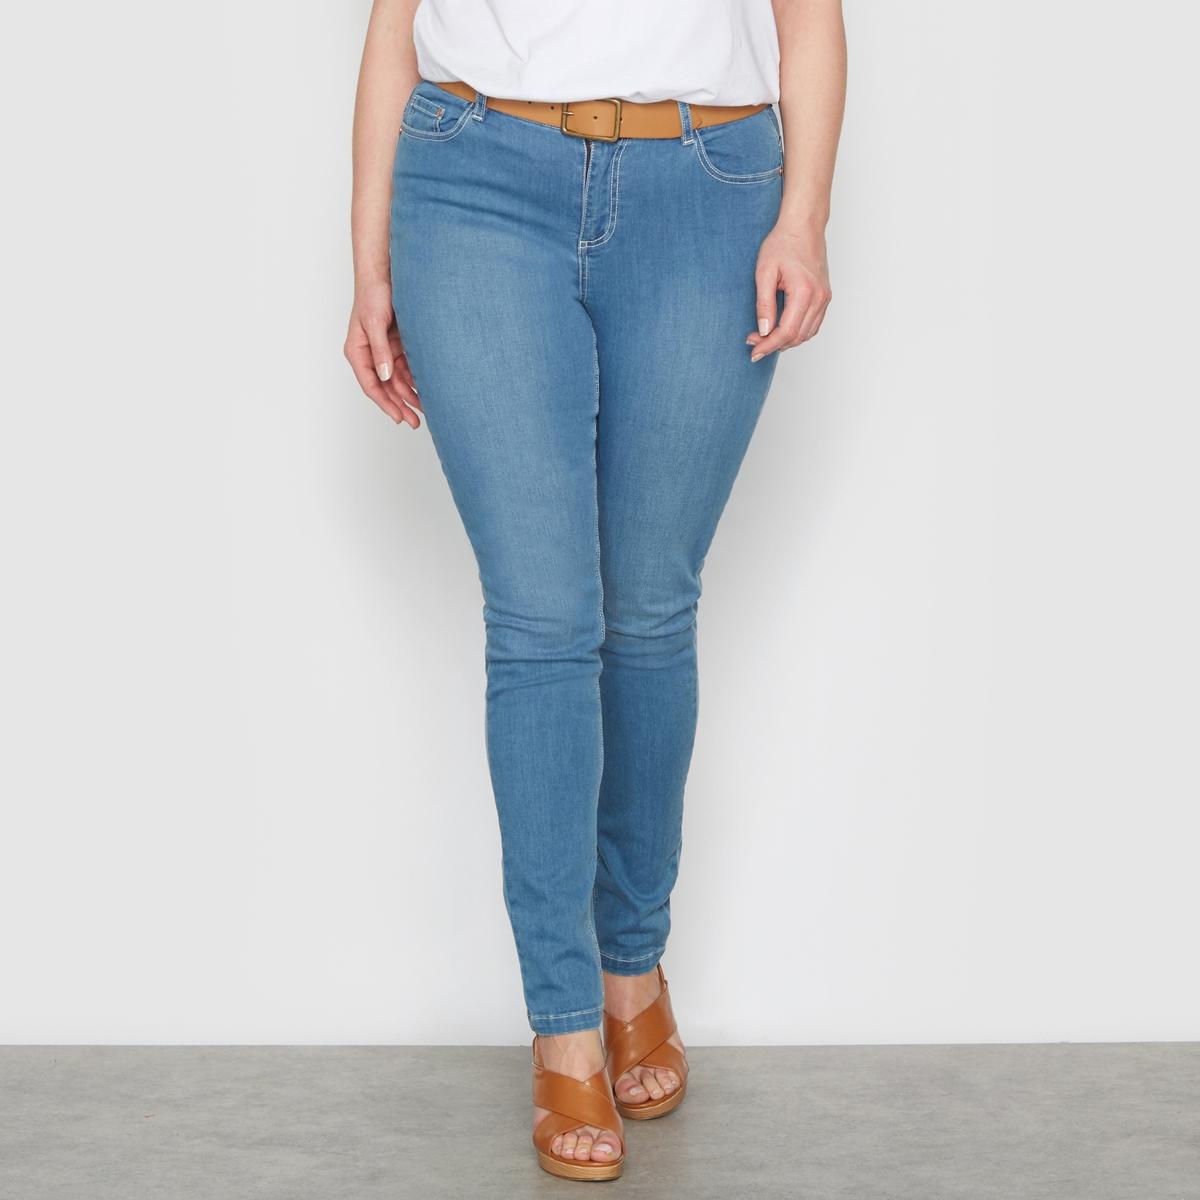 Джинсы облегающего покроя стретч,  длина по внутр.шву ок. 78 смПодчеркивается талия, бедра, ягодицы зрительно округляются: джинсы облегающего покроя отлично сидят и чрезвычайно удобны! Расклешенный низ. 5 карманов.Рост от 1 м 65 см: длина по внутр.шву ок. 78 см, ширина по низу 15,5 см.<br><br>Цвет: голубой потертый,синий потертый,темно-синий,черный<br>Размер: 56 (FR) - 62 (RUS).52 (FR) - 58 (RUS).48 (FR) - 54 (RUS).50 (FR) - 56 (RUS).58 (FR) - 64 (RUS).42 (FR) - 48 (RUS).48 (FR) - 54 (RUS).46 (FR) - 52 (RUS).58 (FR) - 64 (RUS).54 (FR) - 60 (RUS).44 (FR) - 50 (RUS).56 (FR) - 62 (RUS).54 (FR) - 60 (RUS).46 (FR) - 52 (RUS).42 (FR) - 48 (RUS).44 (FR) - 50 (RUS).52 (FR) - 58 (RUS).48 (FR) - 54 (RUS).58 (FR) - 64 (RUS).42 (FR) - 48 (RUS).42 (FR) - 48 (RUS).44 (FR) - 50 (RUS).56 (FR) - 62 (RUS).52 (FR) - 58 (RUS).54 (FR) - 60 (RUS).52 (FR) - 58 (RUS).48 (FR) - 54 (RUS).58 (FR) - 64 (RUS).50 (FR) - 56 (RUS).54 (FR) - 60 (RUS).46 (FR) - 52 (RUS)